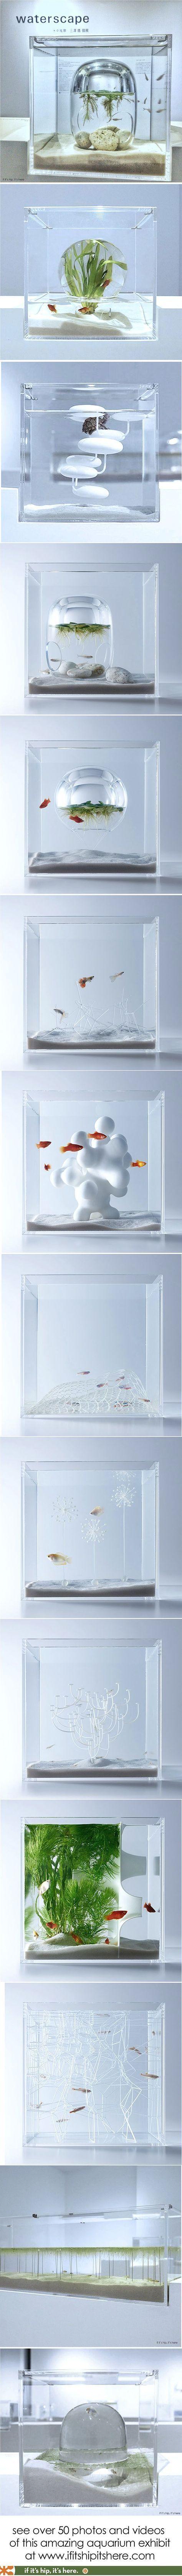 211 best Aquarium images on Pinterest